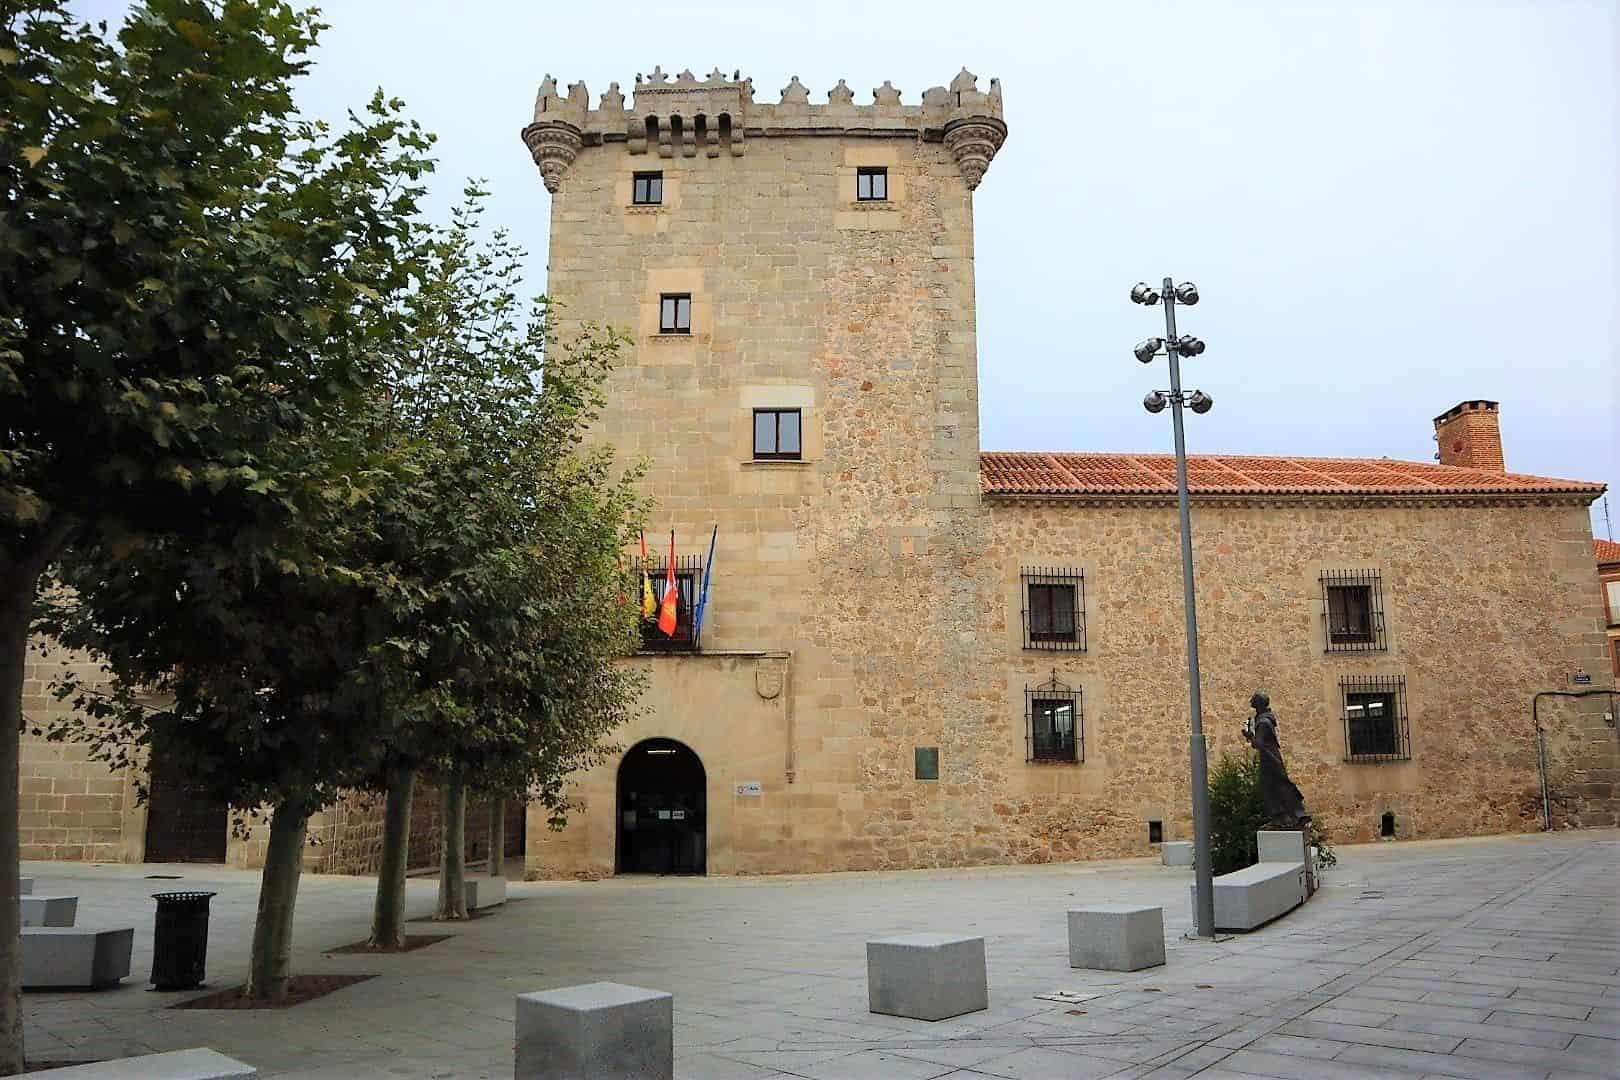 Turismo en Ávila. Torreón de los Guzmán.